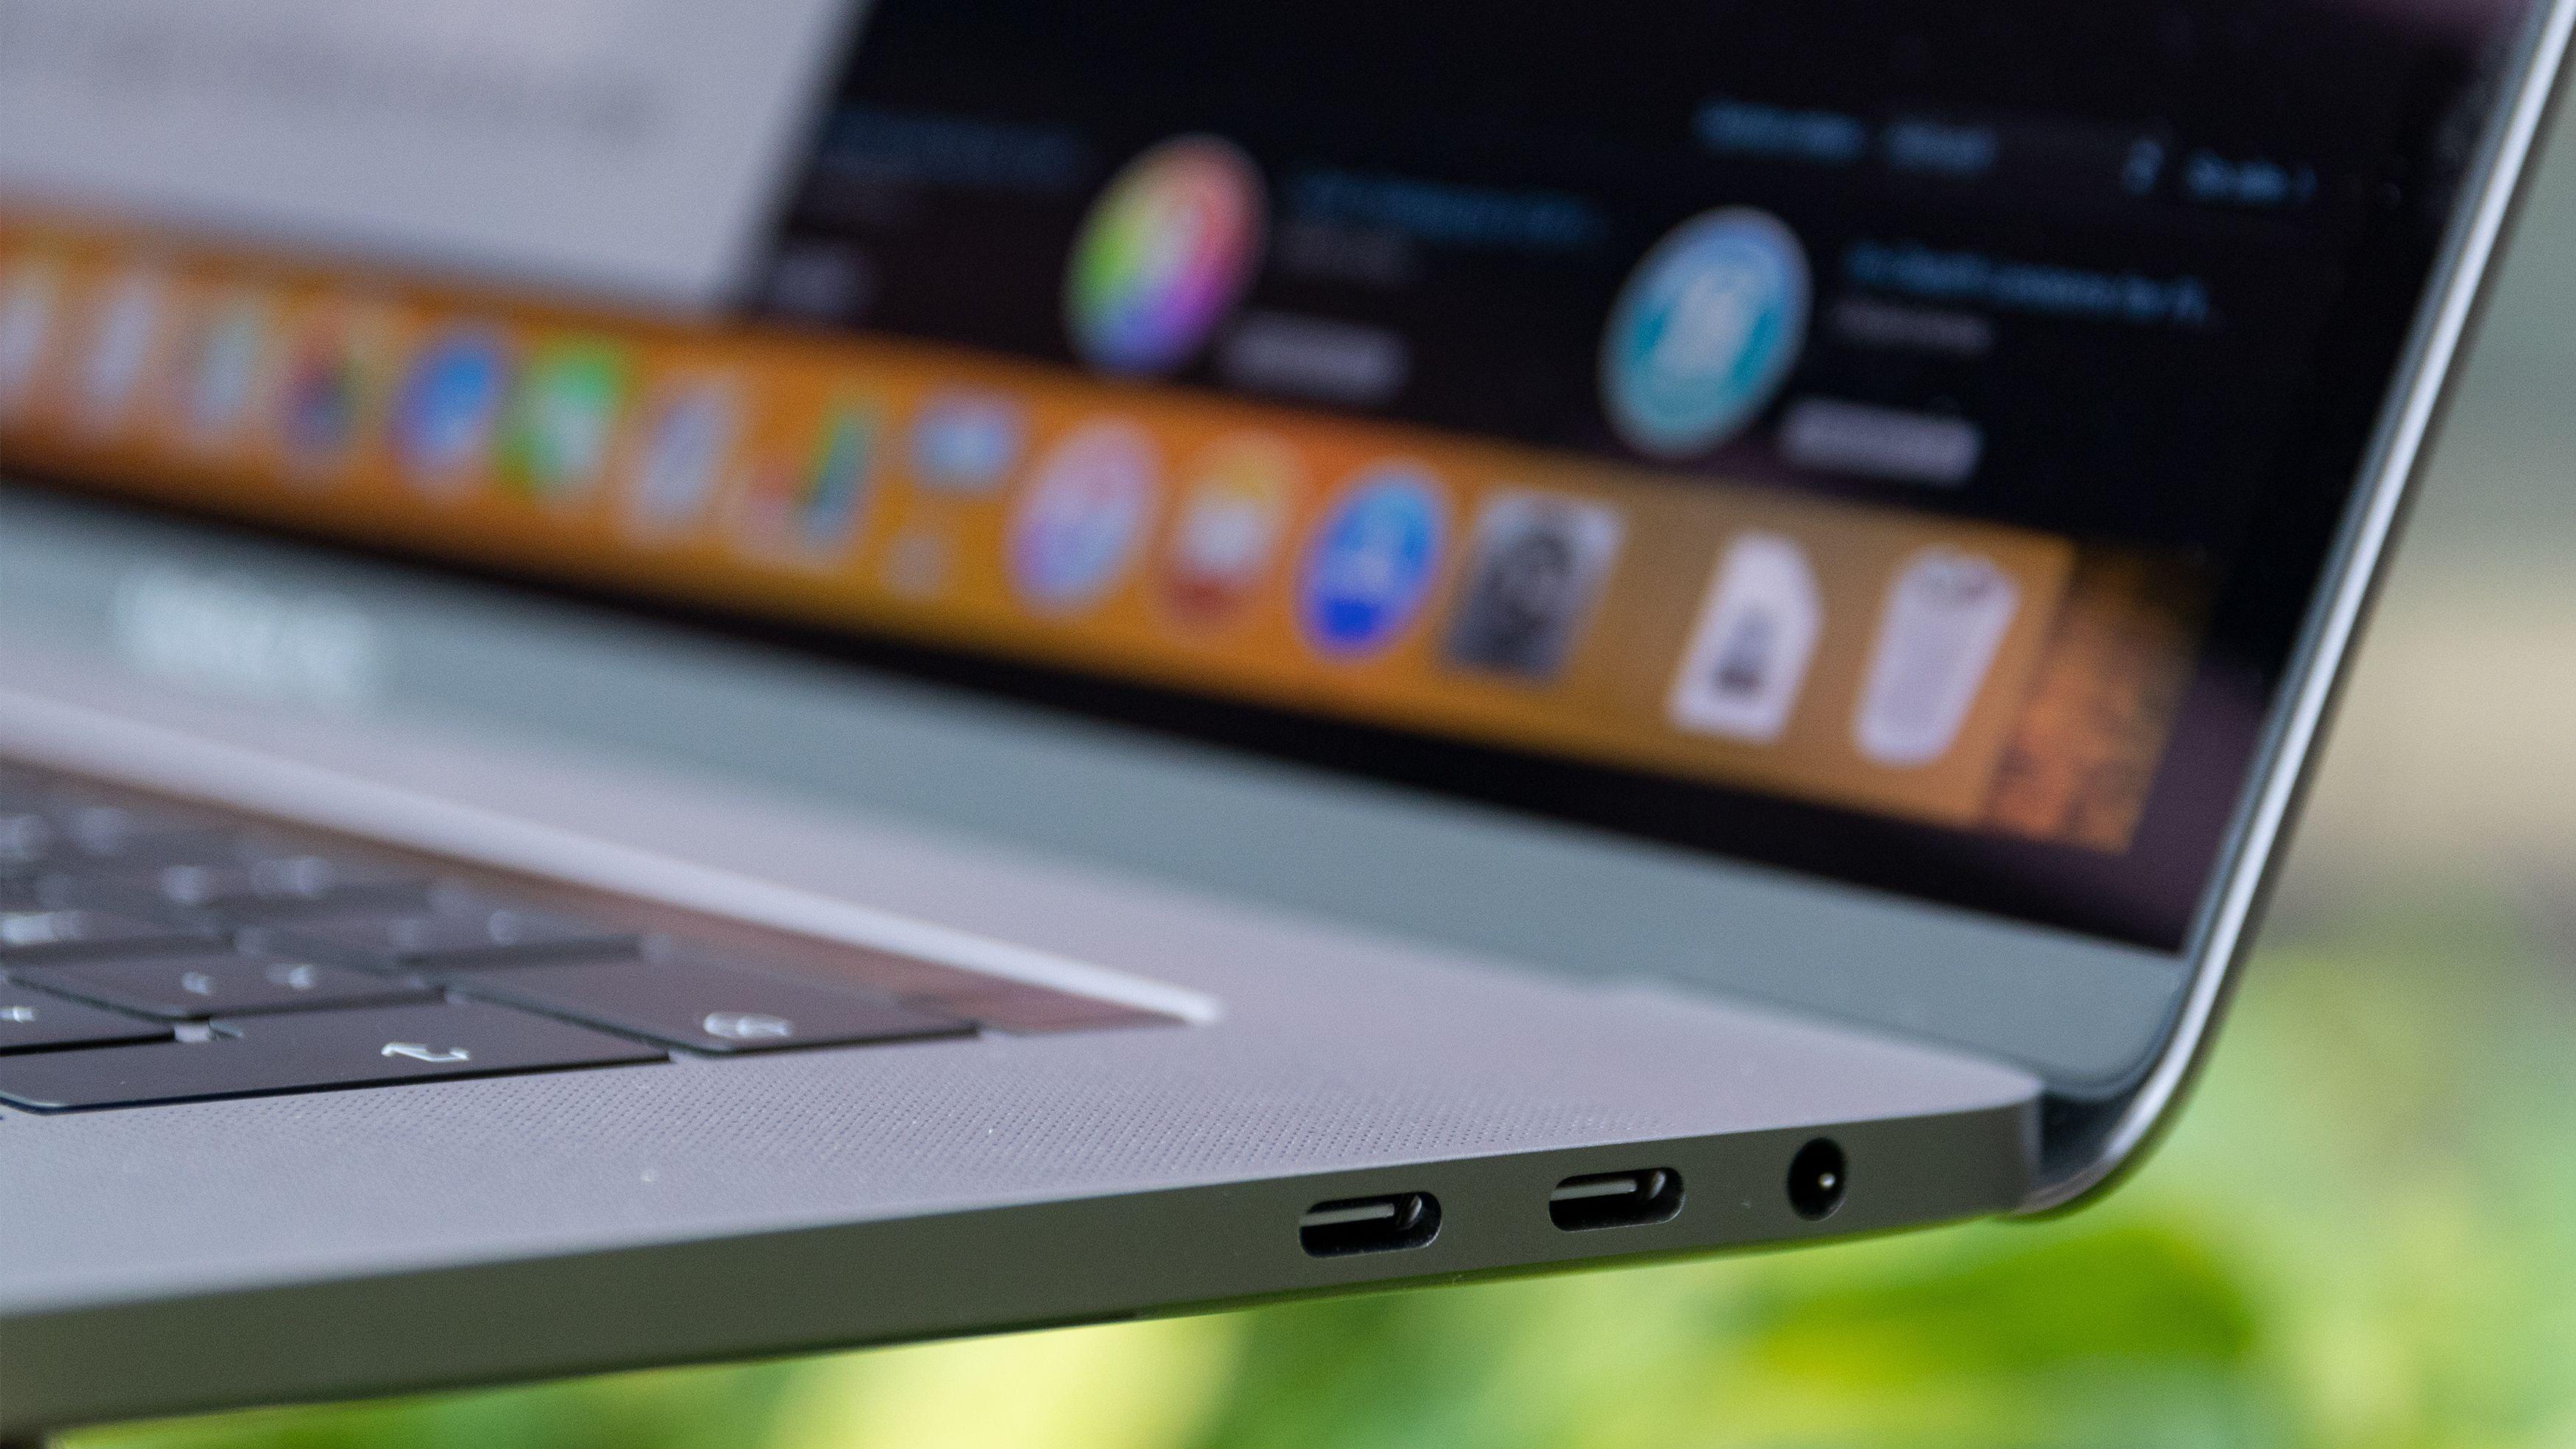 Du finner to Thunderbolt 3-porter med USB-C-grensesnitt på begge sider av maskinen, i tillegg til en minijack-inngang.